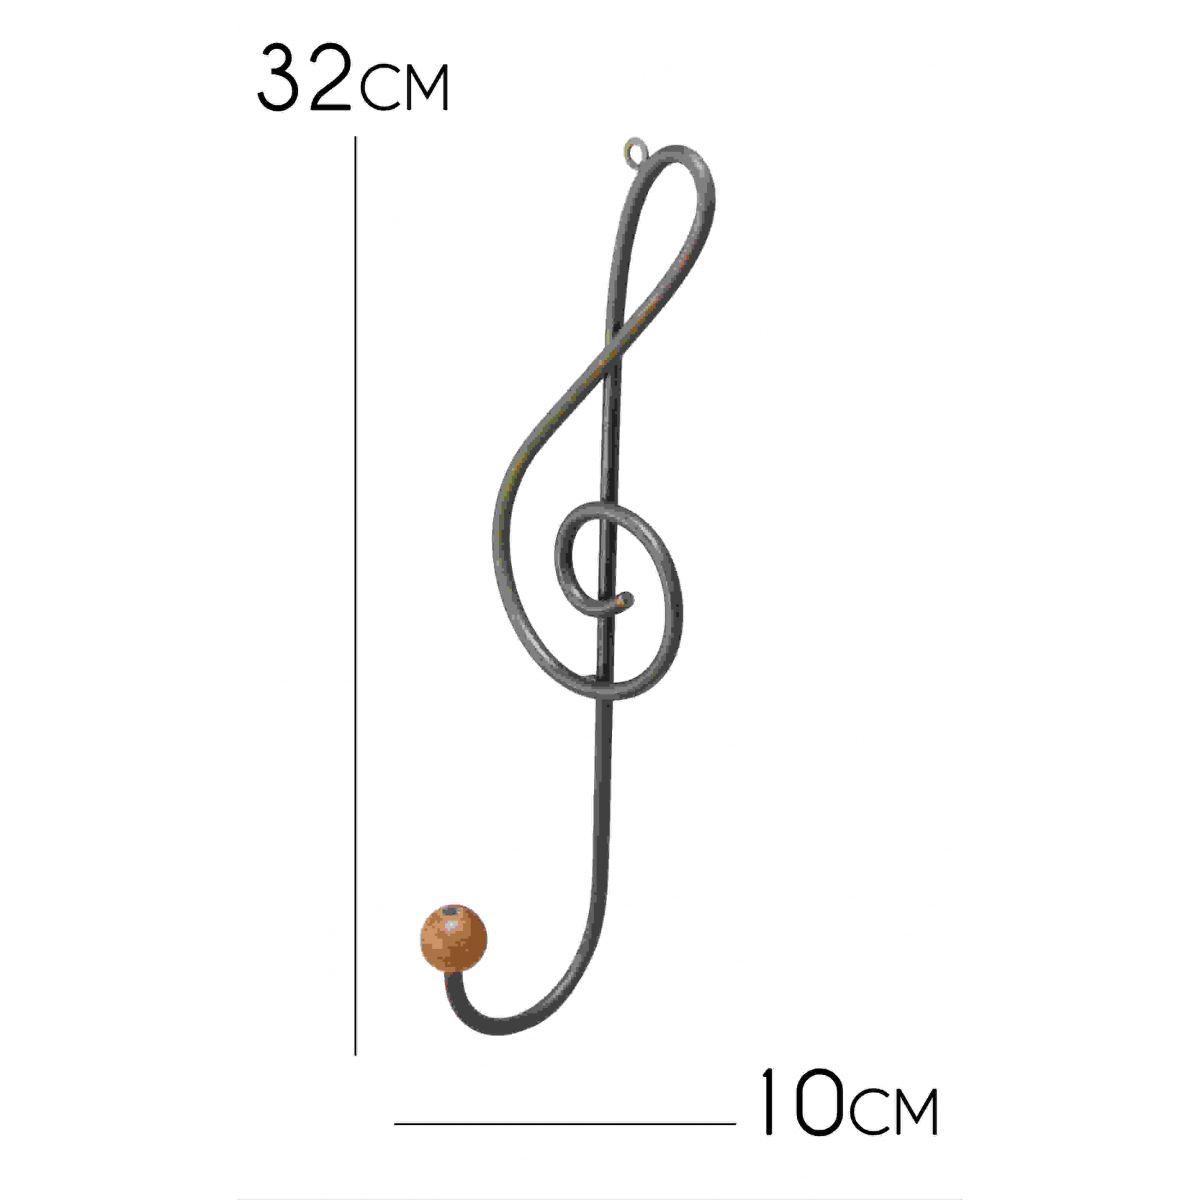 Cabide Artesanal de Ferro com Pendurador de Roupas e Bolsas 01 Gancho Verniz Musica